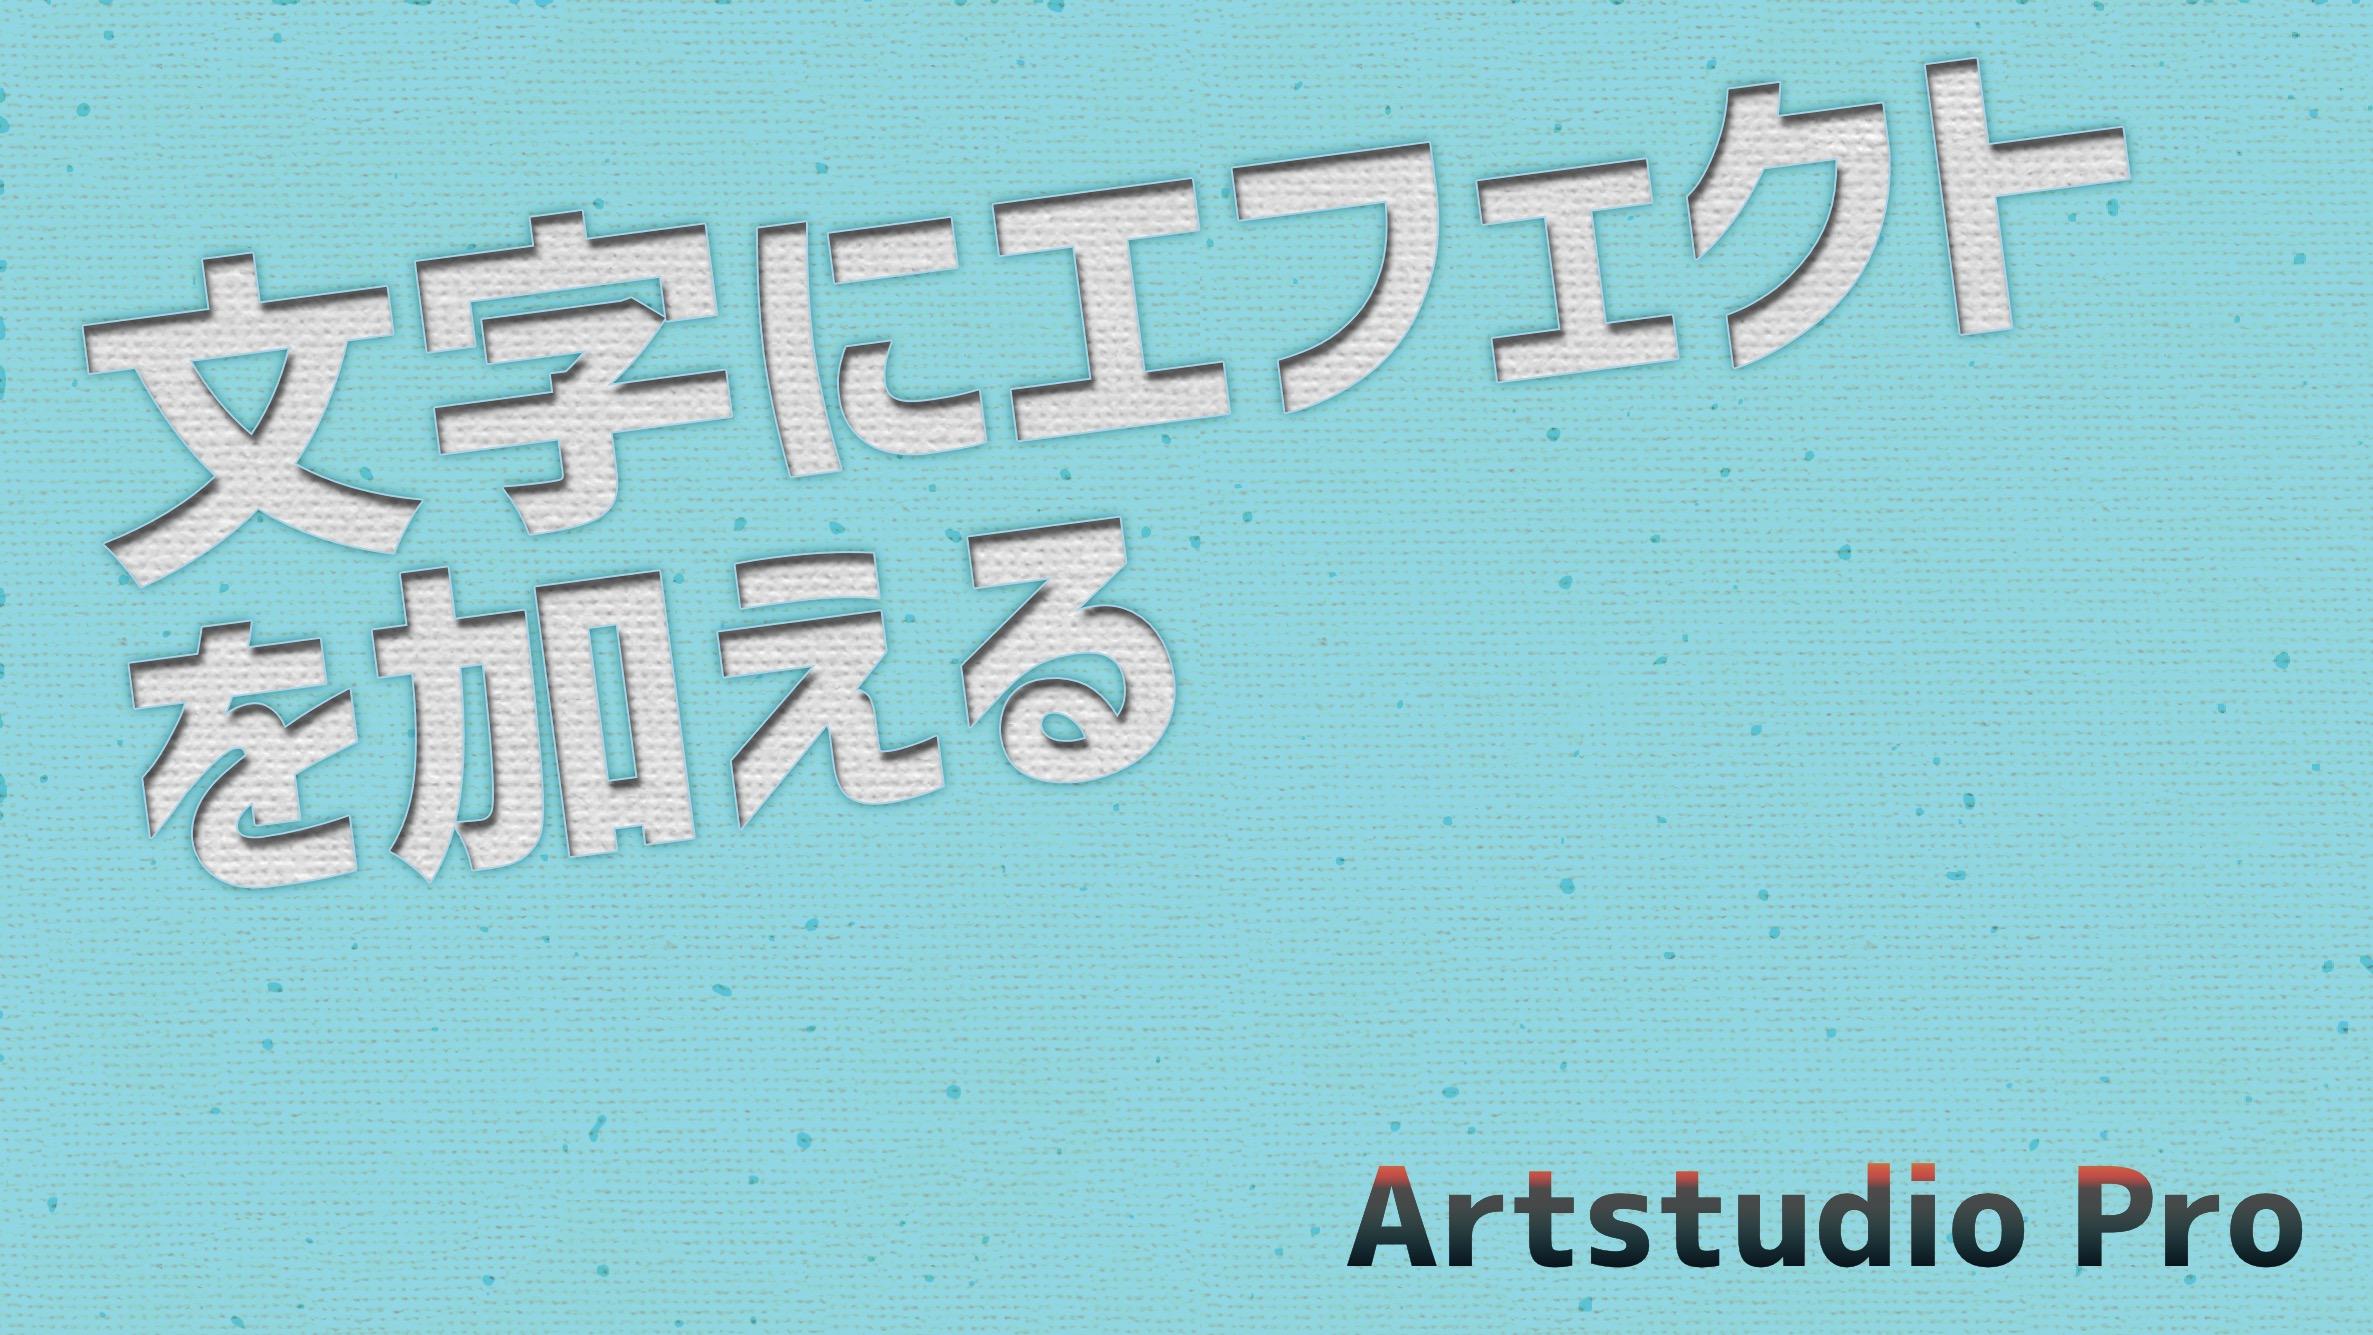 Artstudio Proの使い方解説 文字にグラデーションやドロップシャドウ